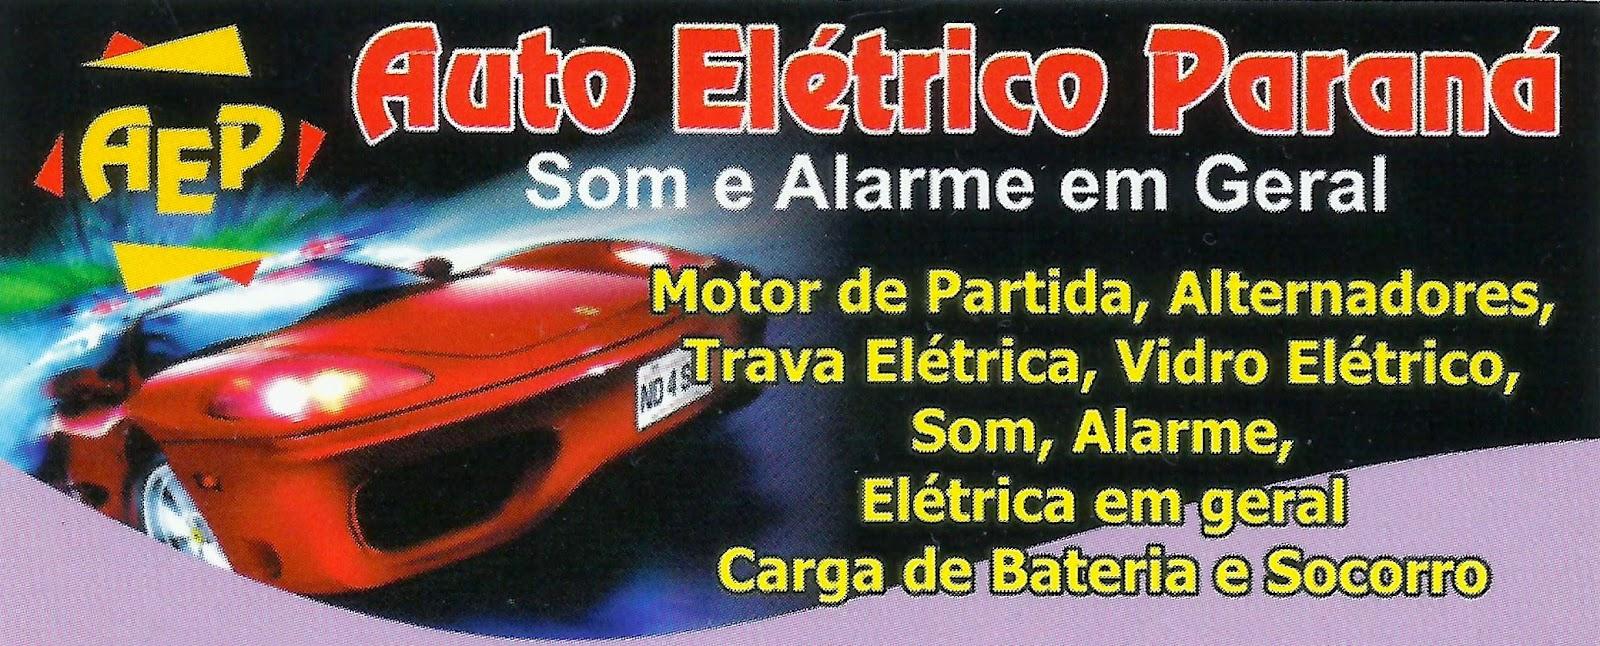 Auto Elétrico Paraná Som e Alarme em Geral Rua. Quintino Bocaiuva, 46 Centro - Sarapuí - SP tel: (15) 3276-1487 / TIM:(15) 98115-4474 VIVO: (15) 99785-8121 / 99736-5353